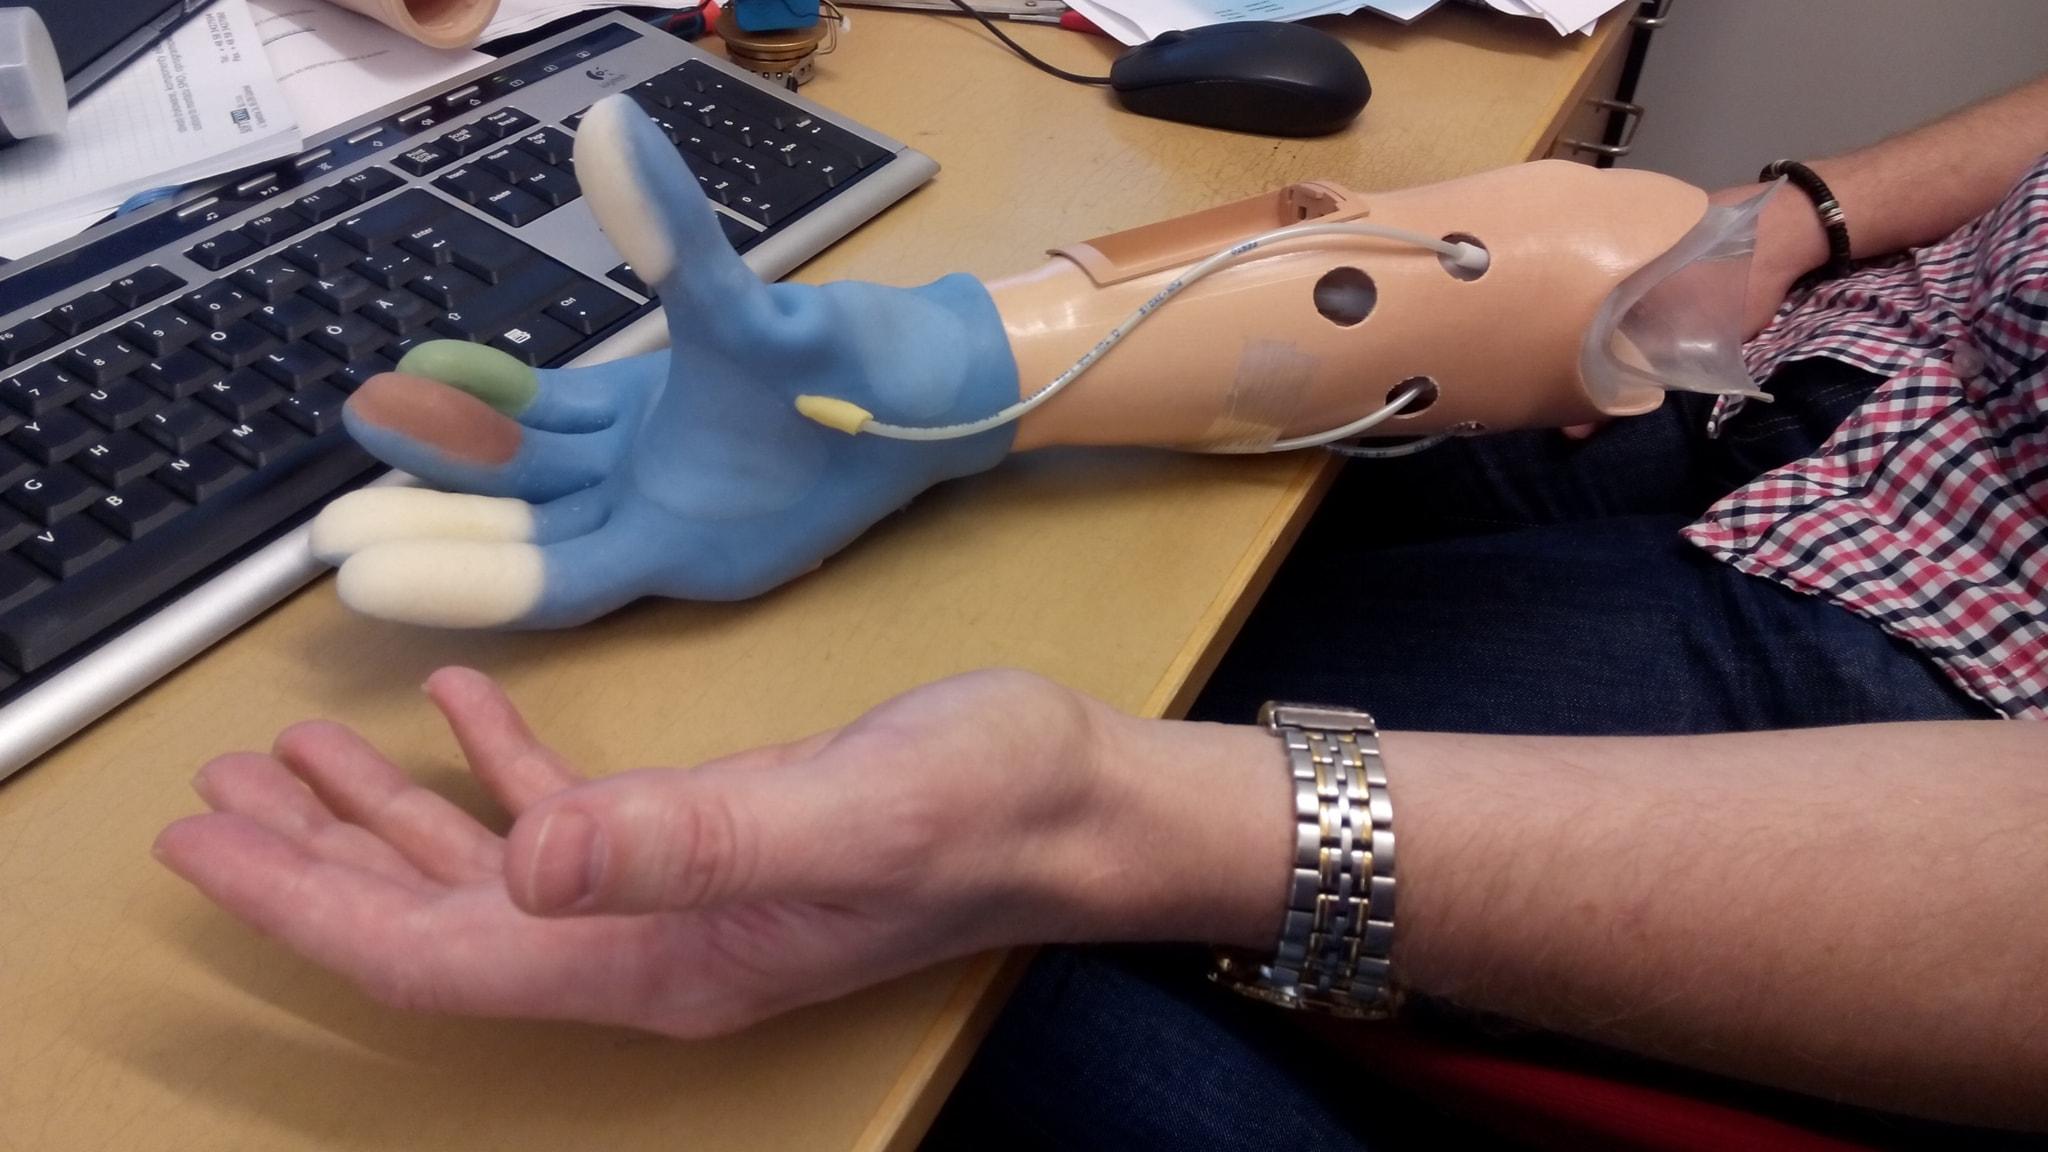 Nya handproteser simulerar känsel